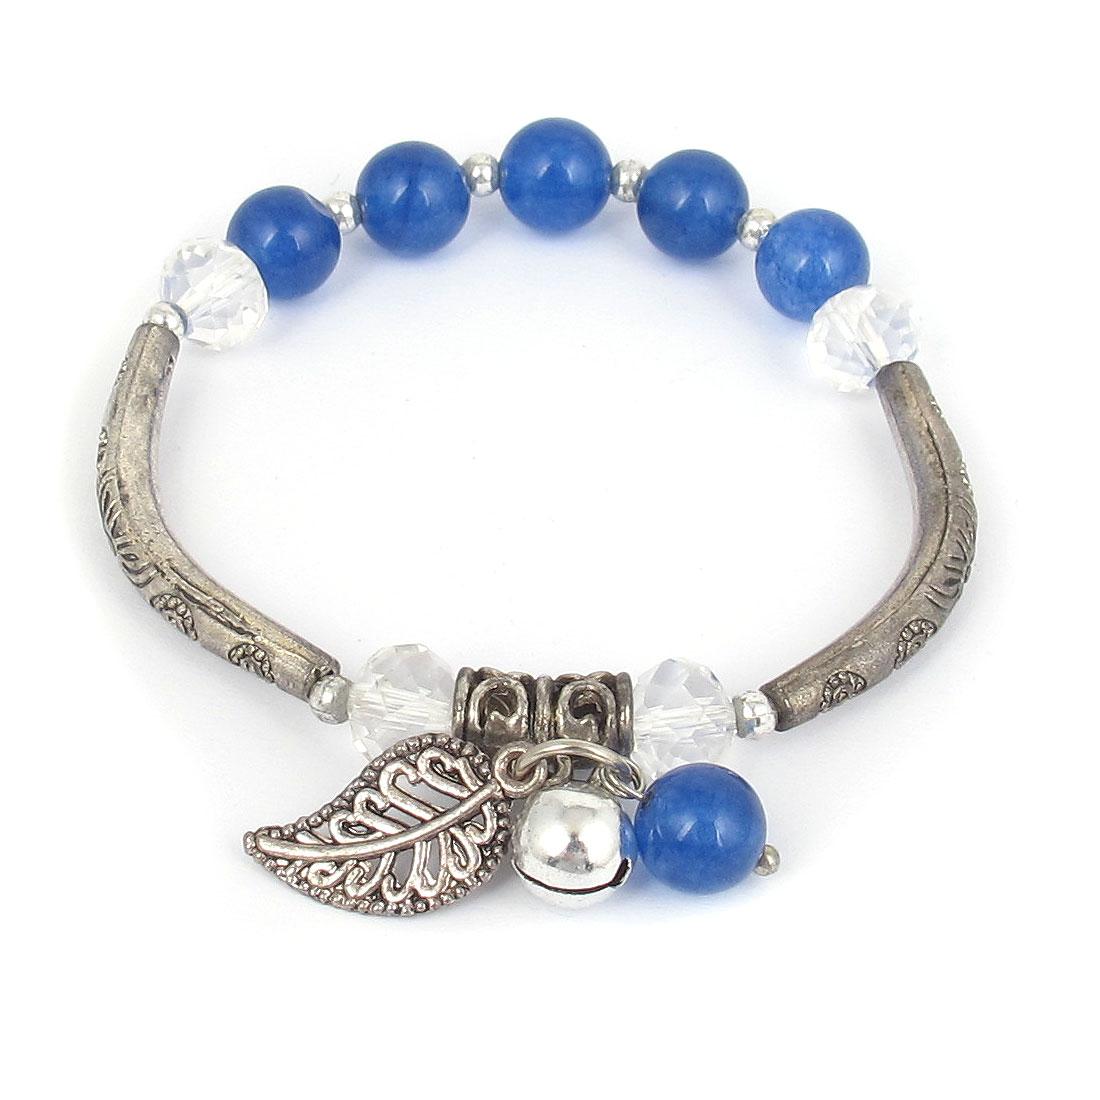 Jewelry Beads Stretchy Wrist Decor Bangle Bracelet Dark Blue Silver Tone for Lady